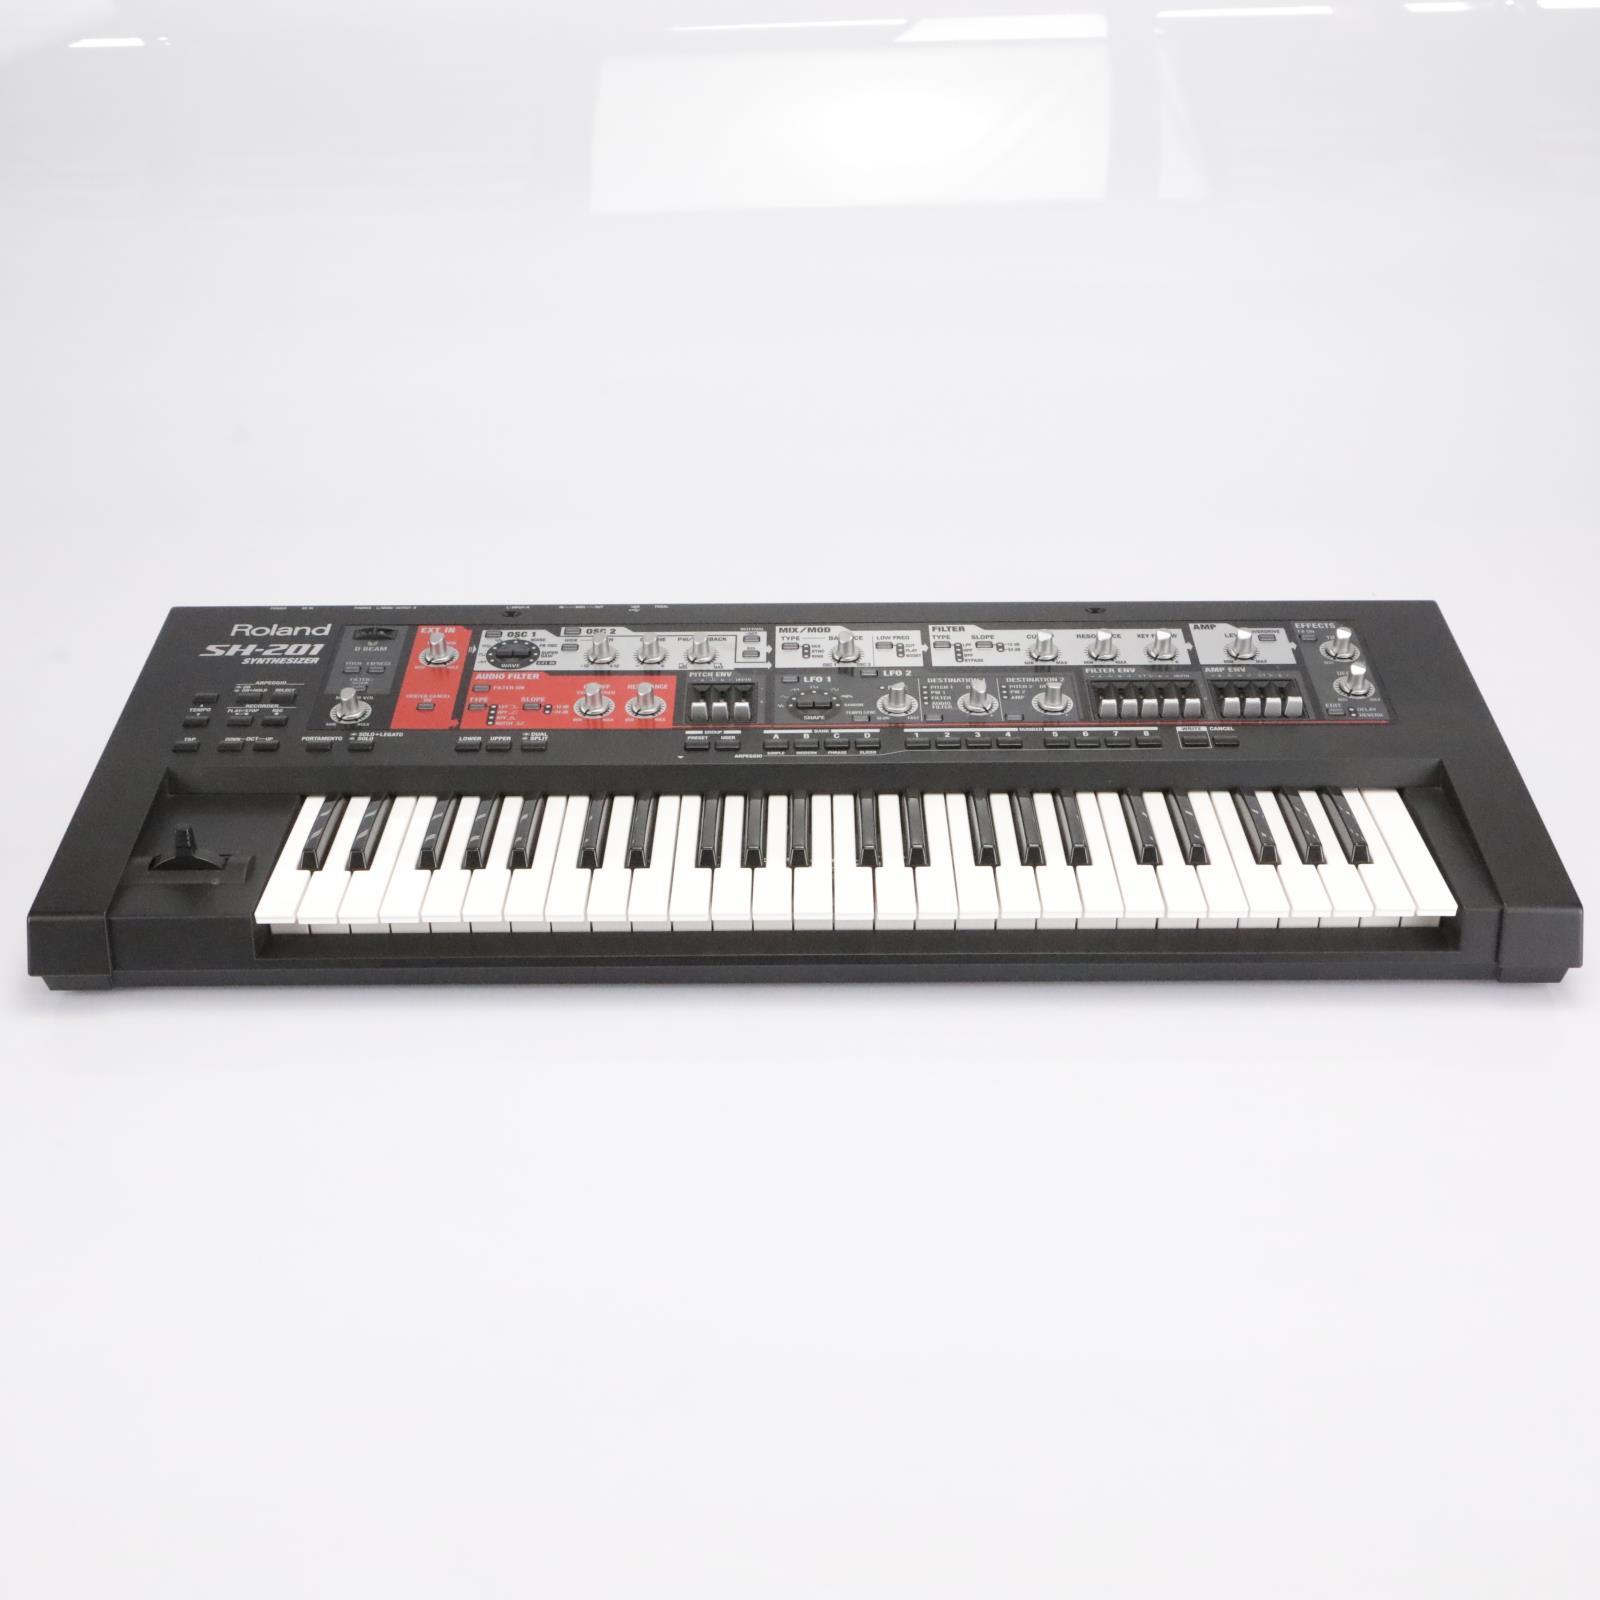 Roland SH-201 49-Key Analog Synthesizer #42763